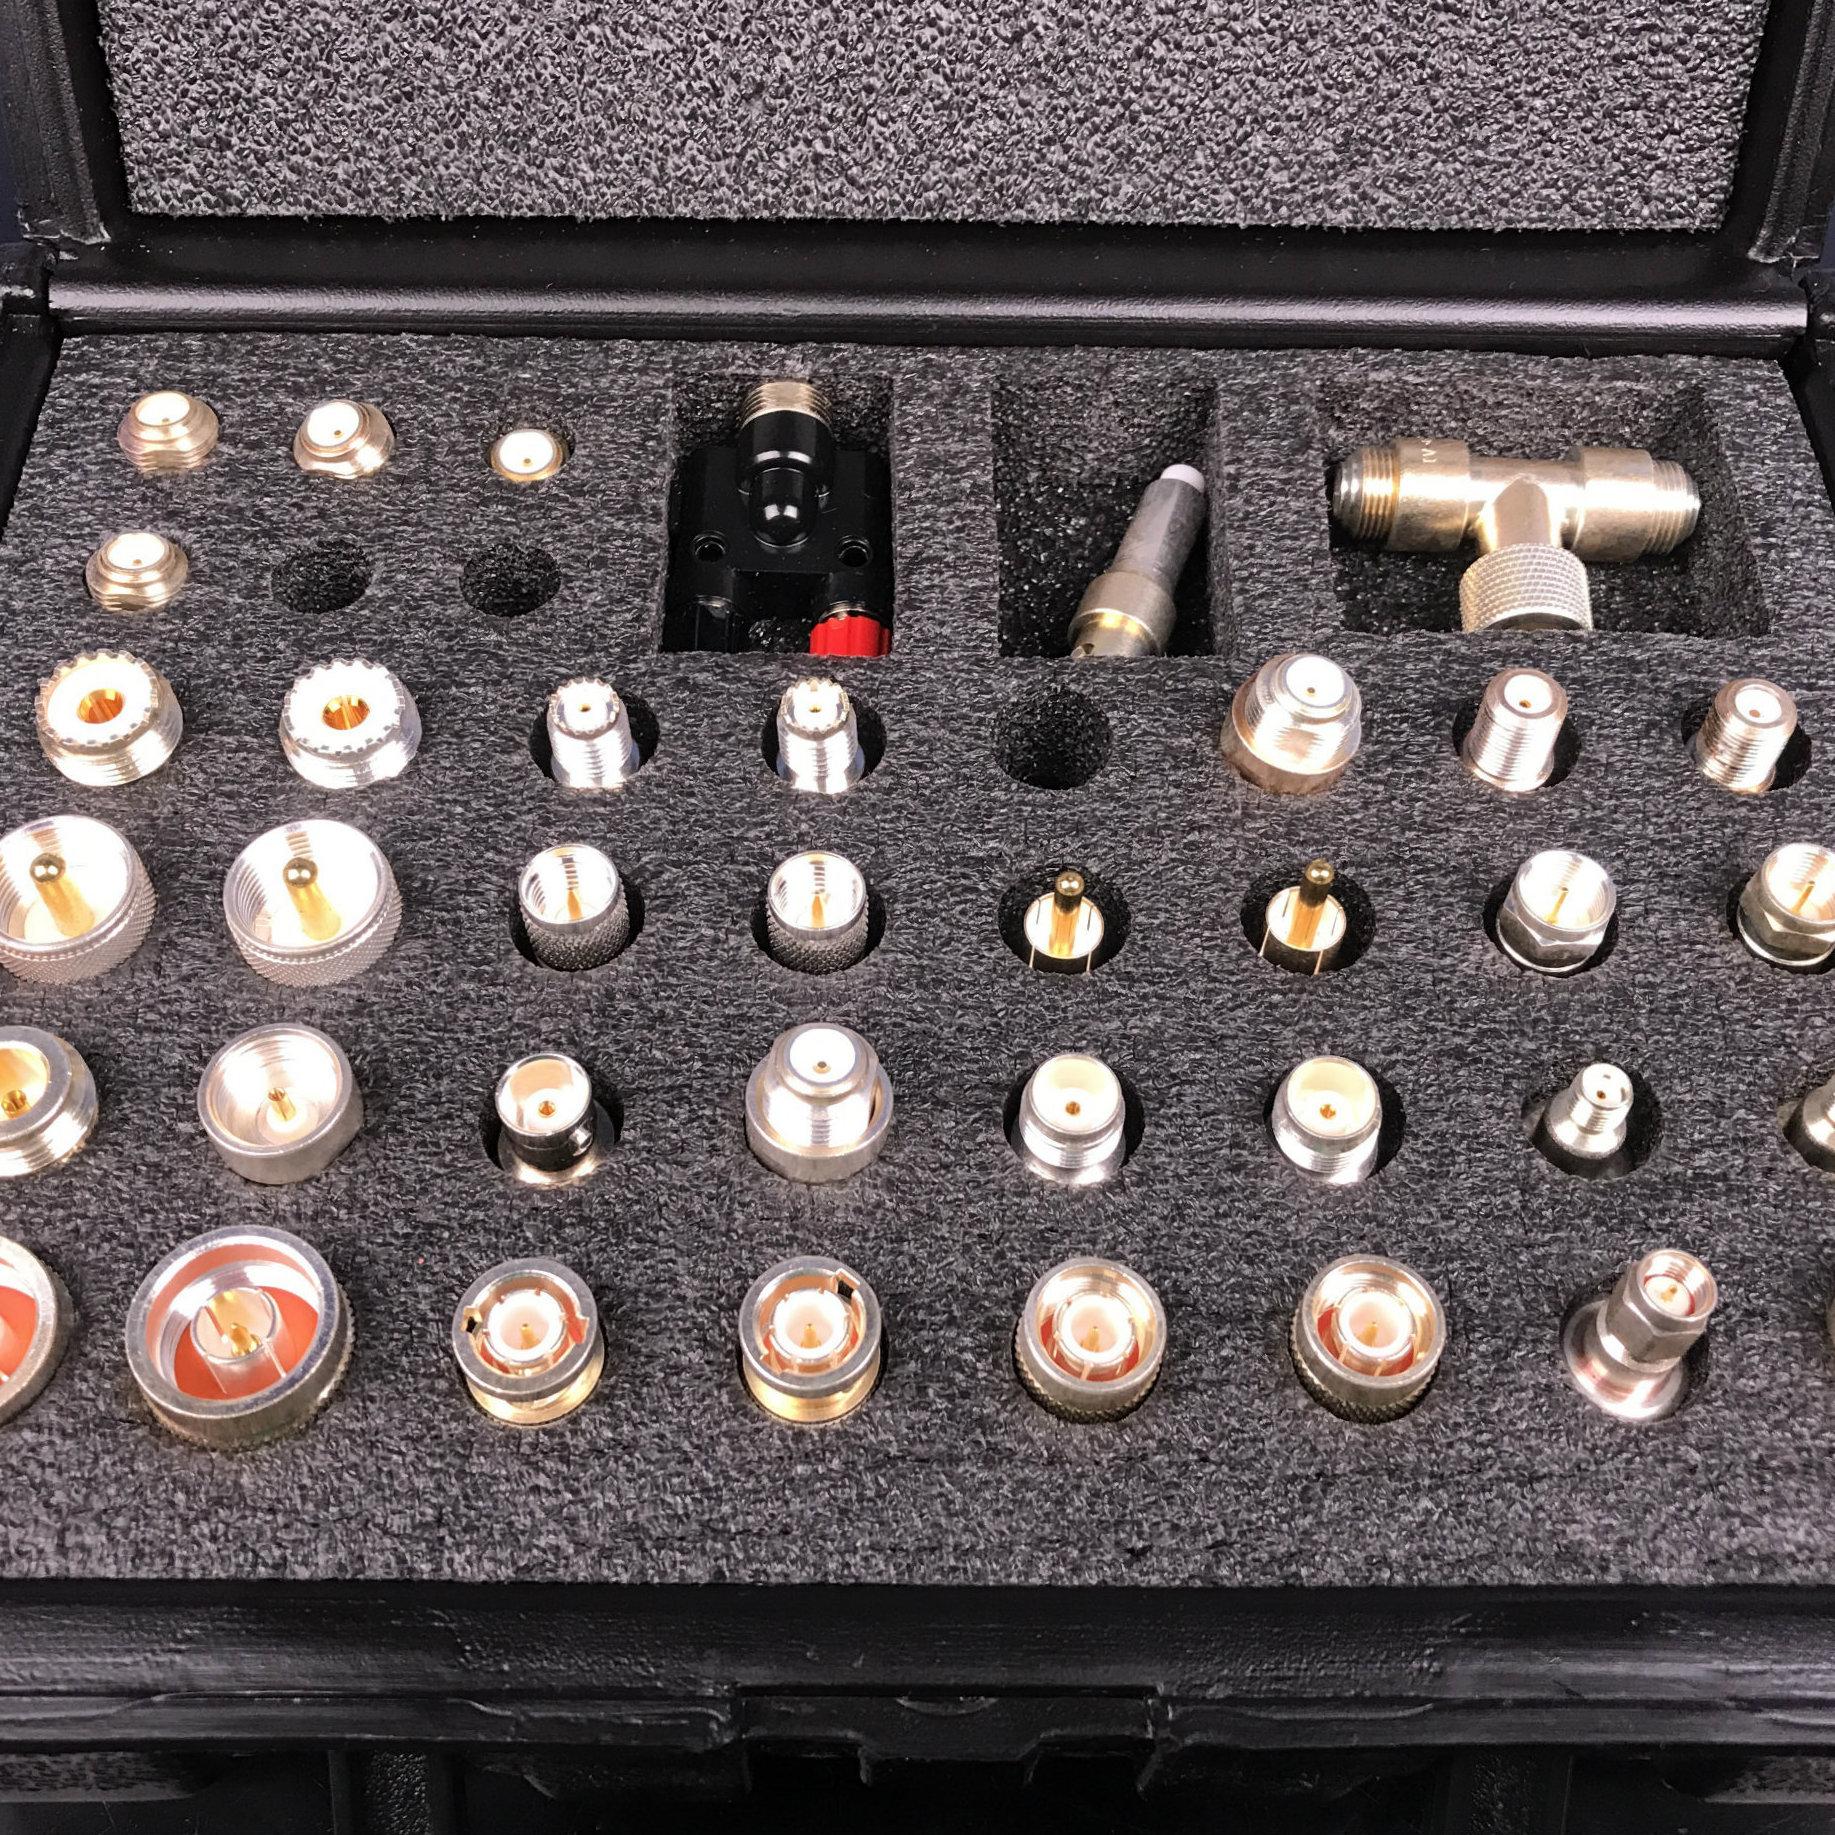 Pomona Electronics Model 5748 - Maxi Universal Adapter Kit Image